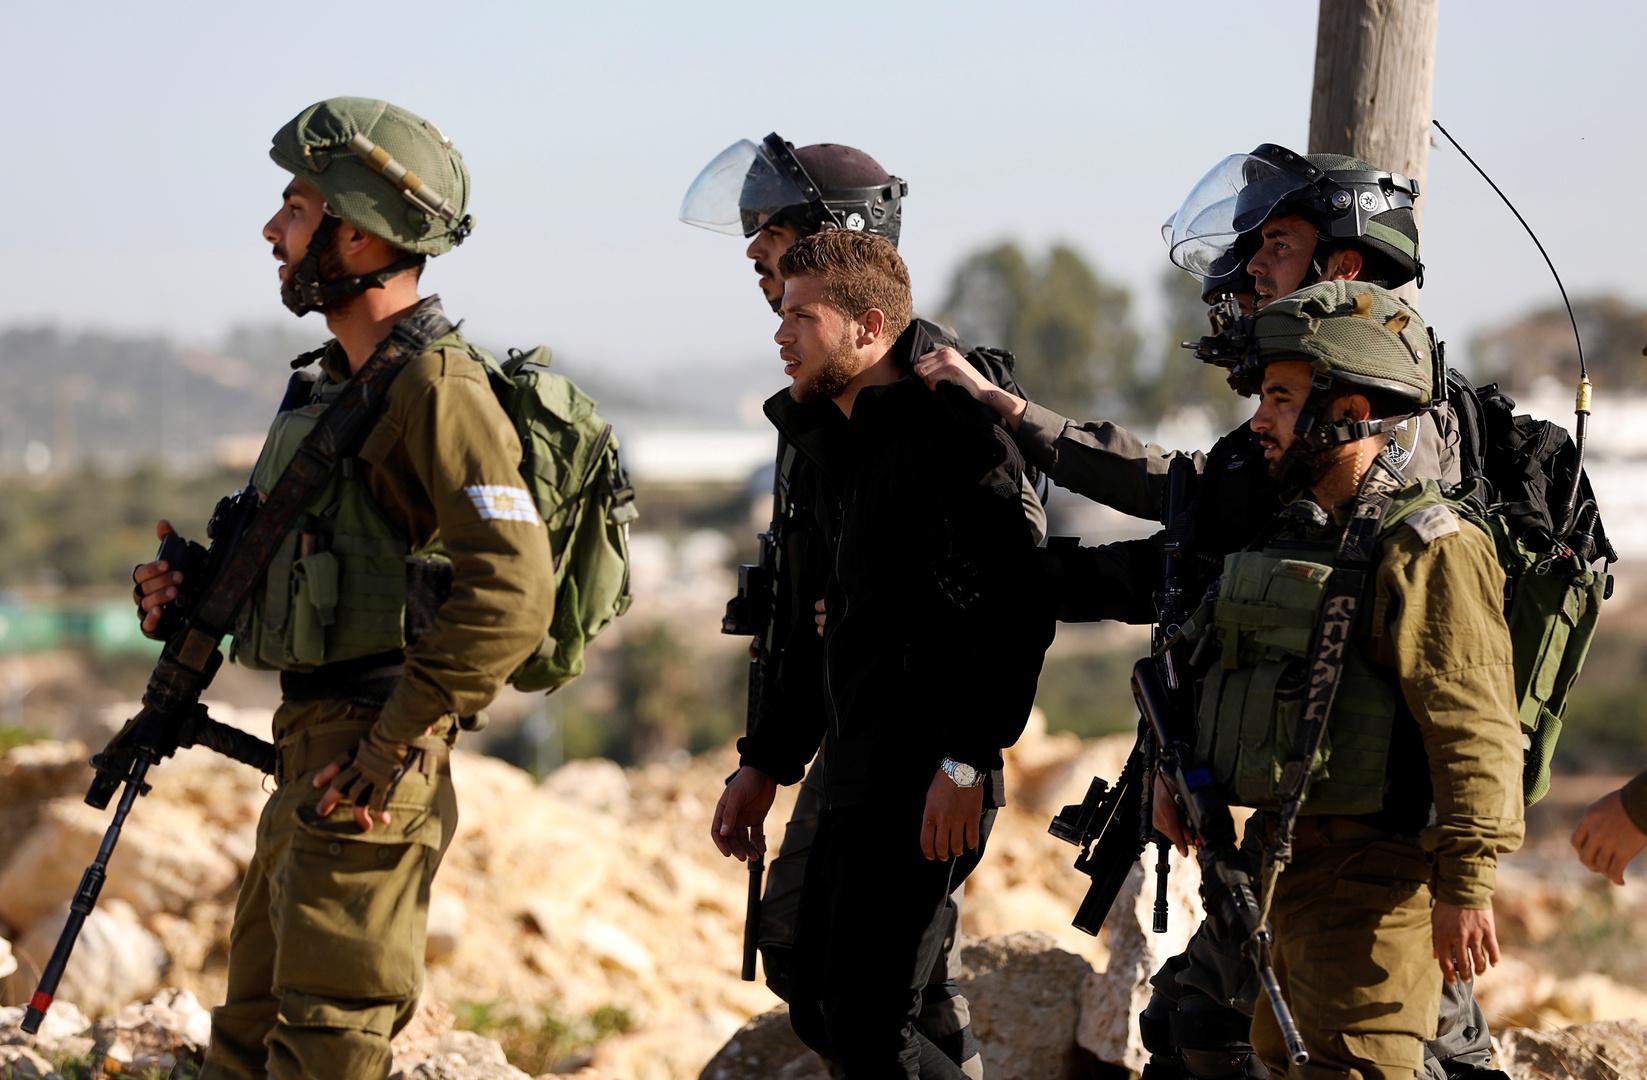 تقرير: 4400 معتقل فلسطيني في السجون الإسرائيلية منهم 170 طفلا